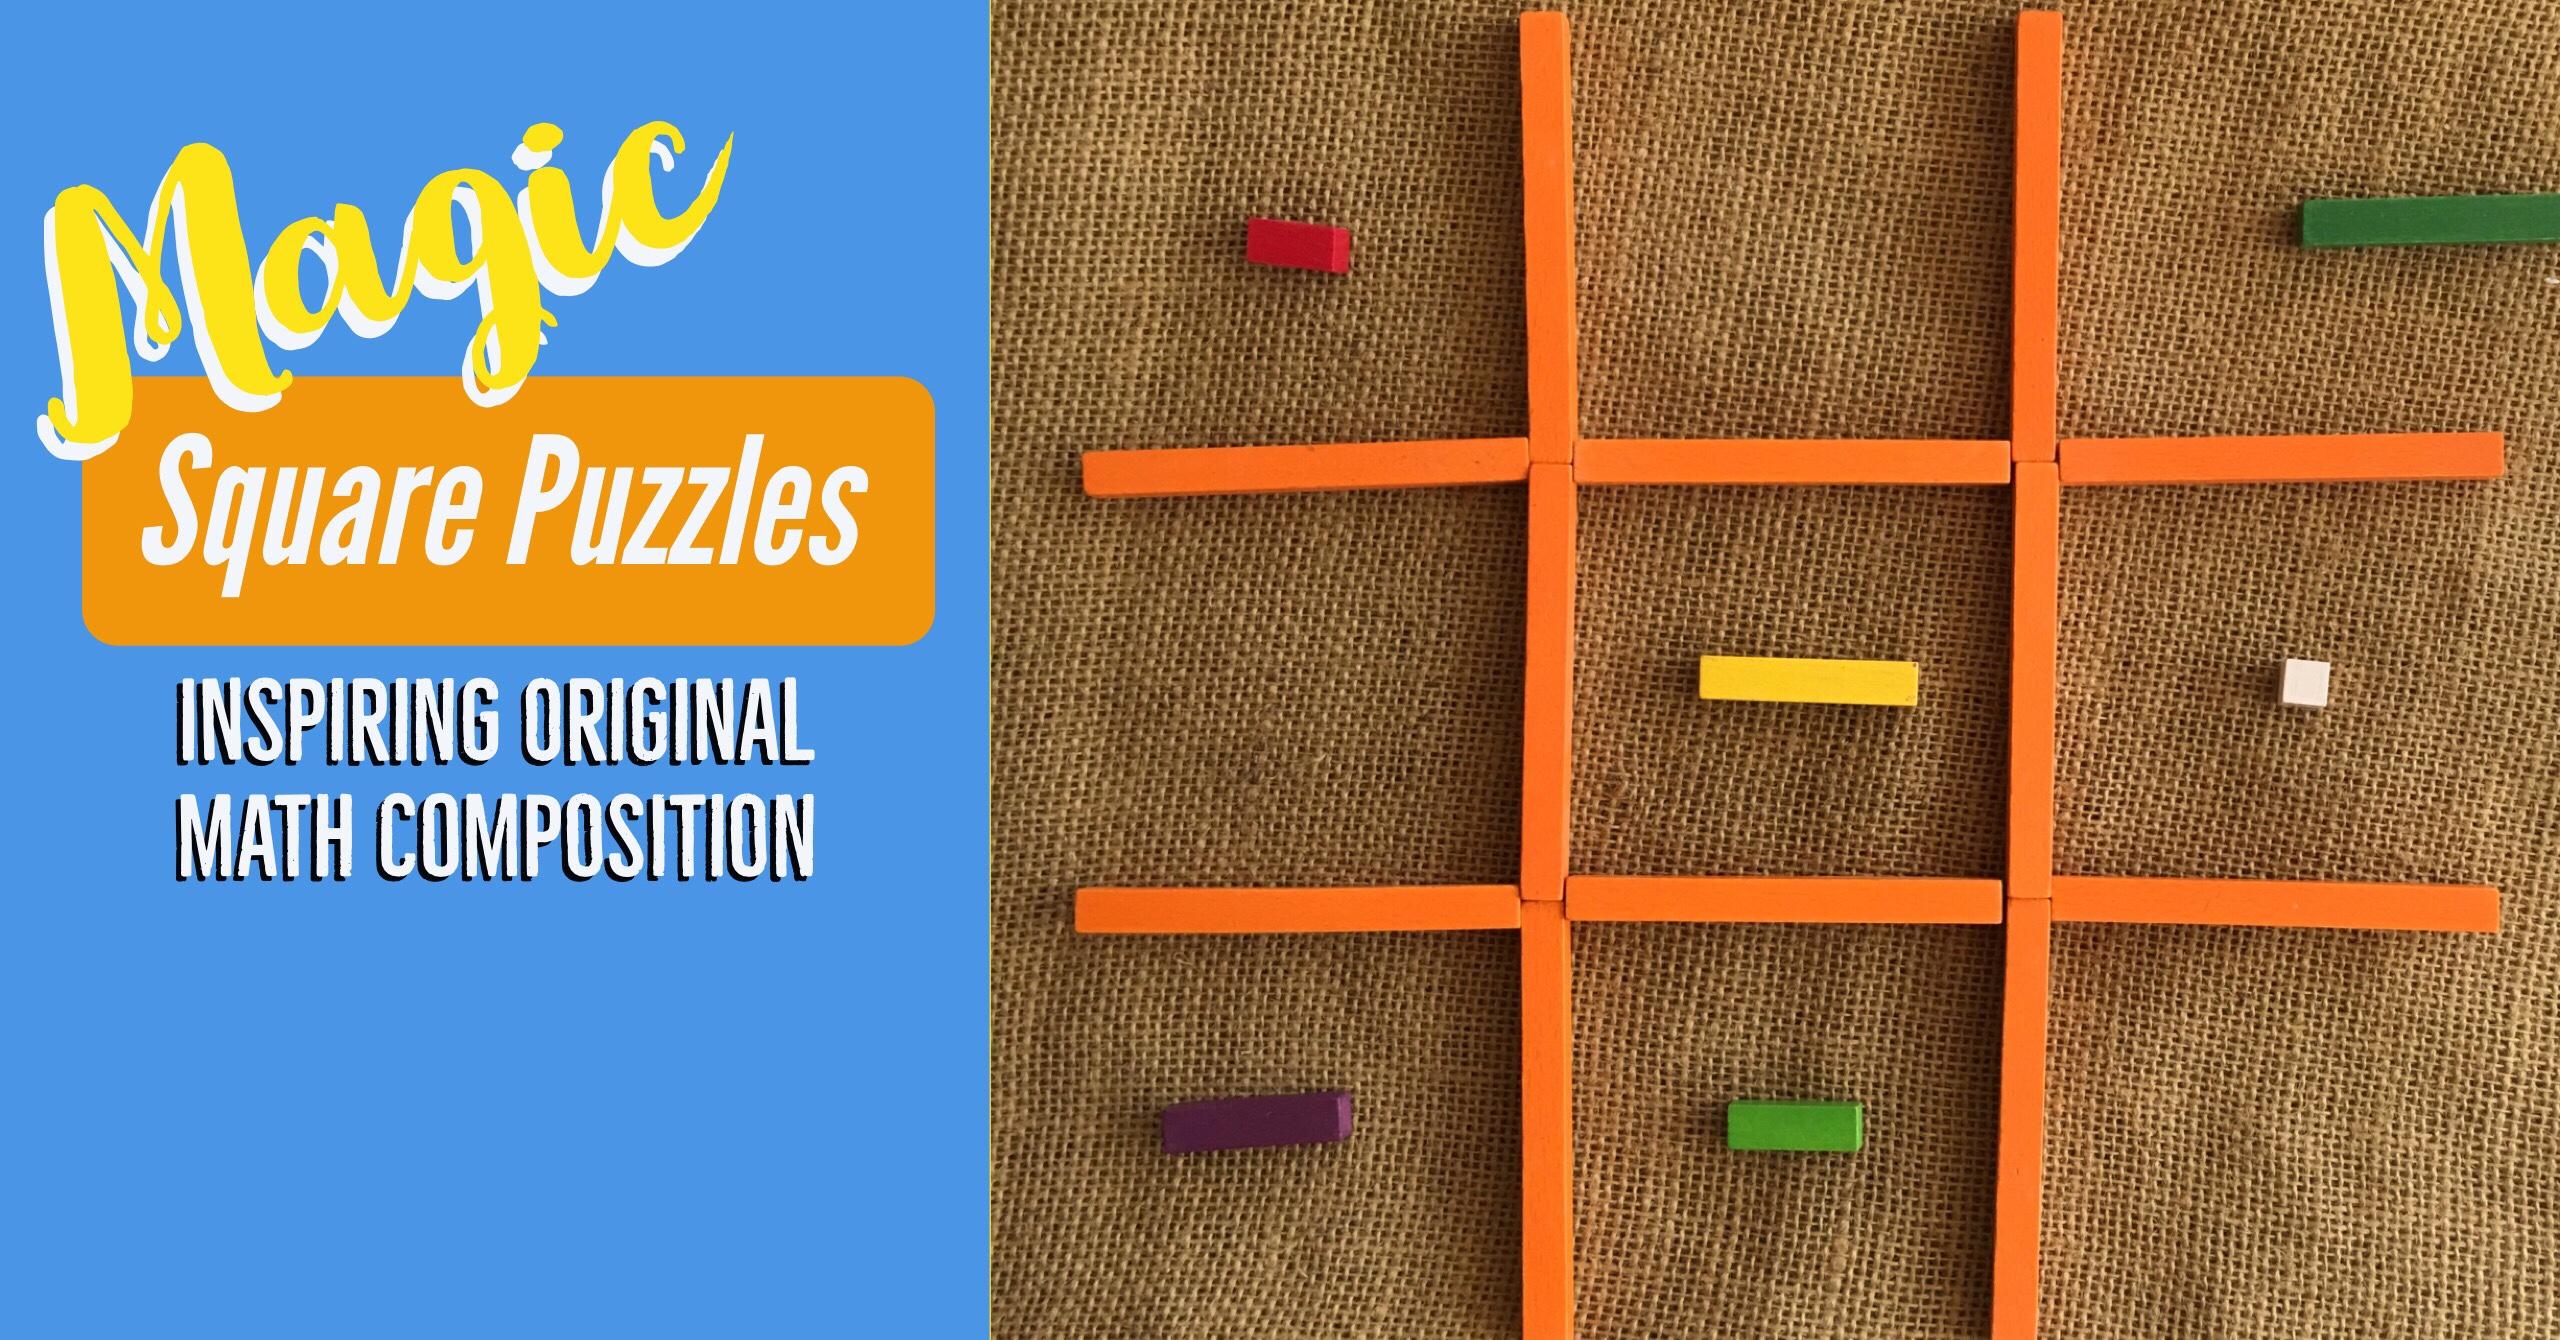 Magic Square Puzzles Original Math Composition